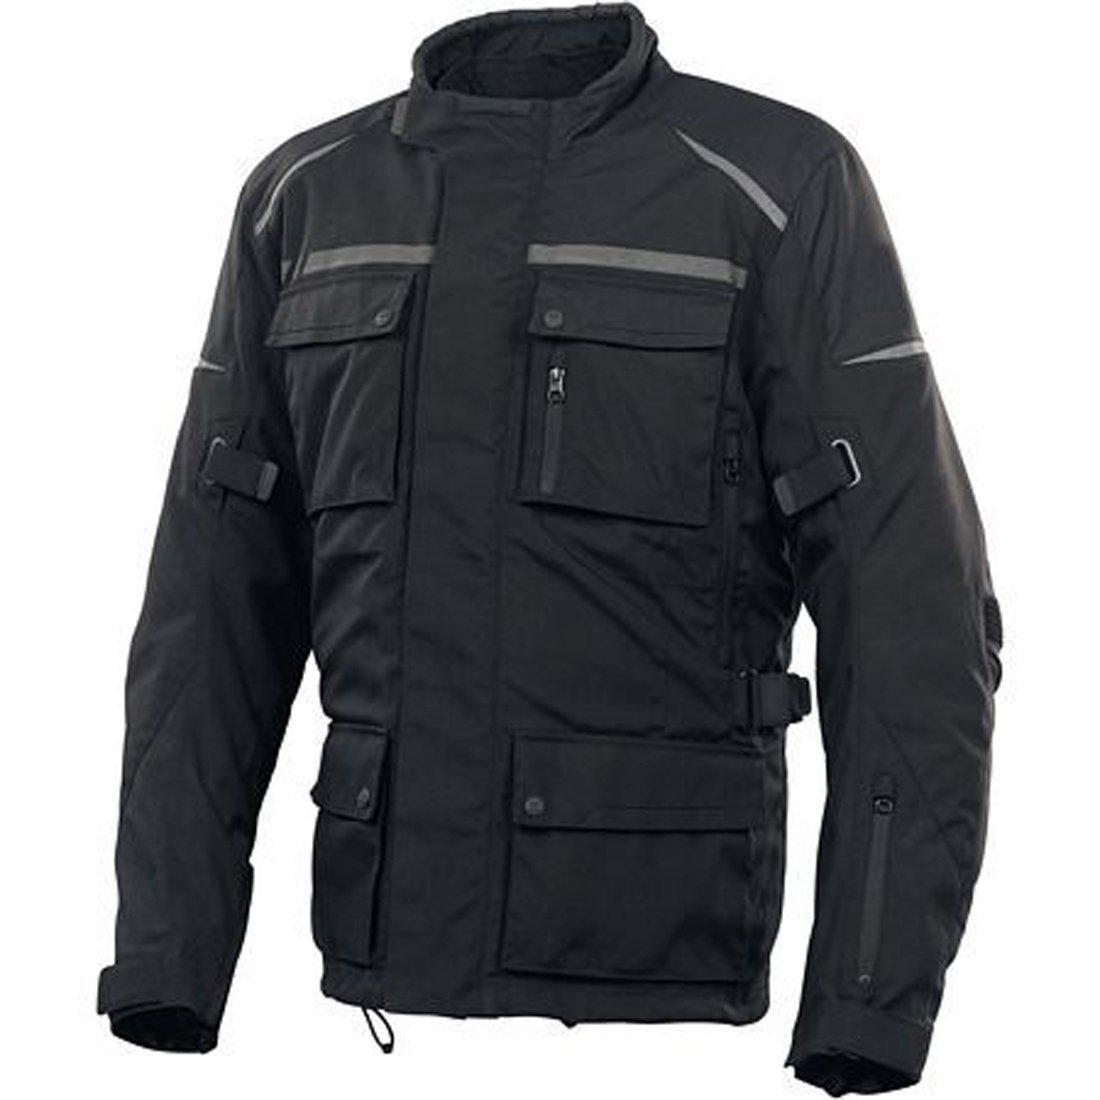 newfacelook Mens Motorbike Motorcycle Biker Waterproof Armour Jacket New Long